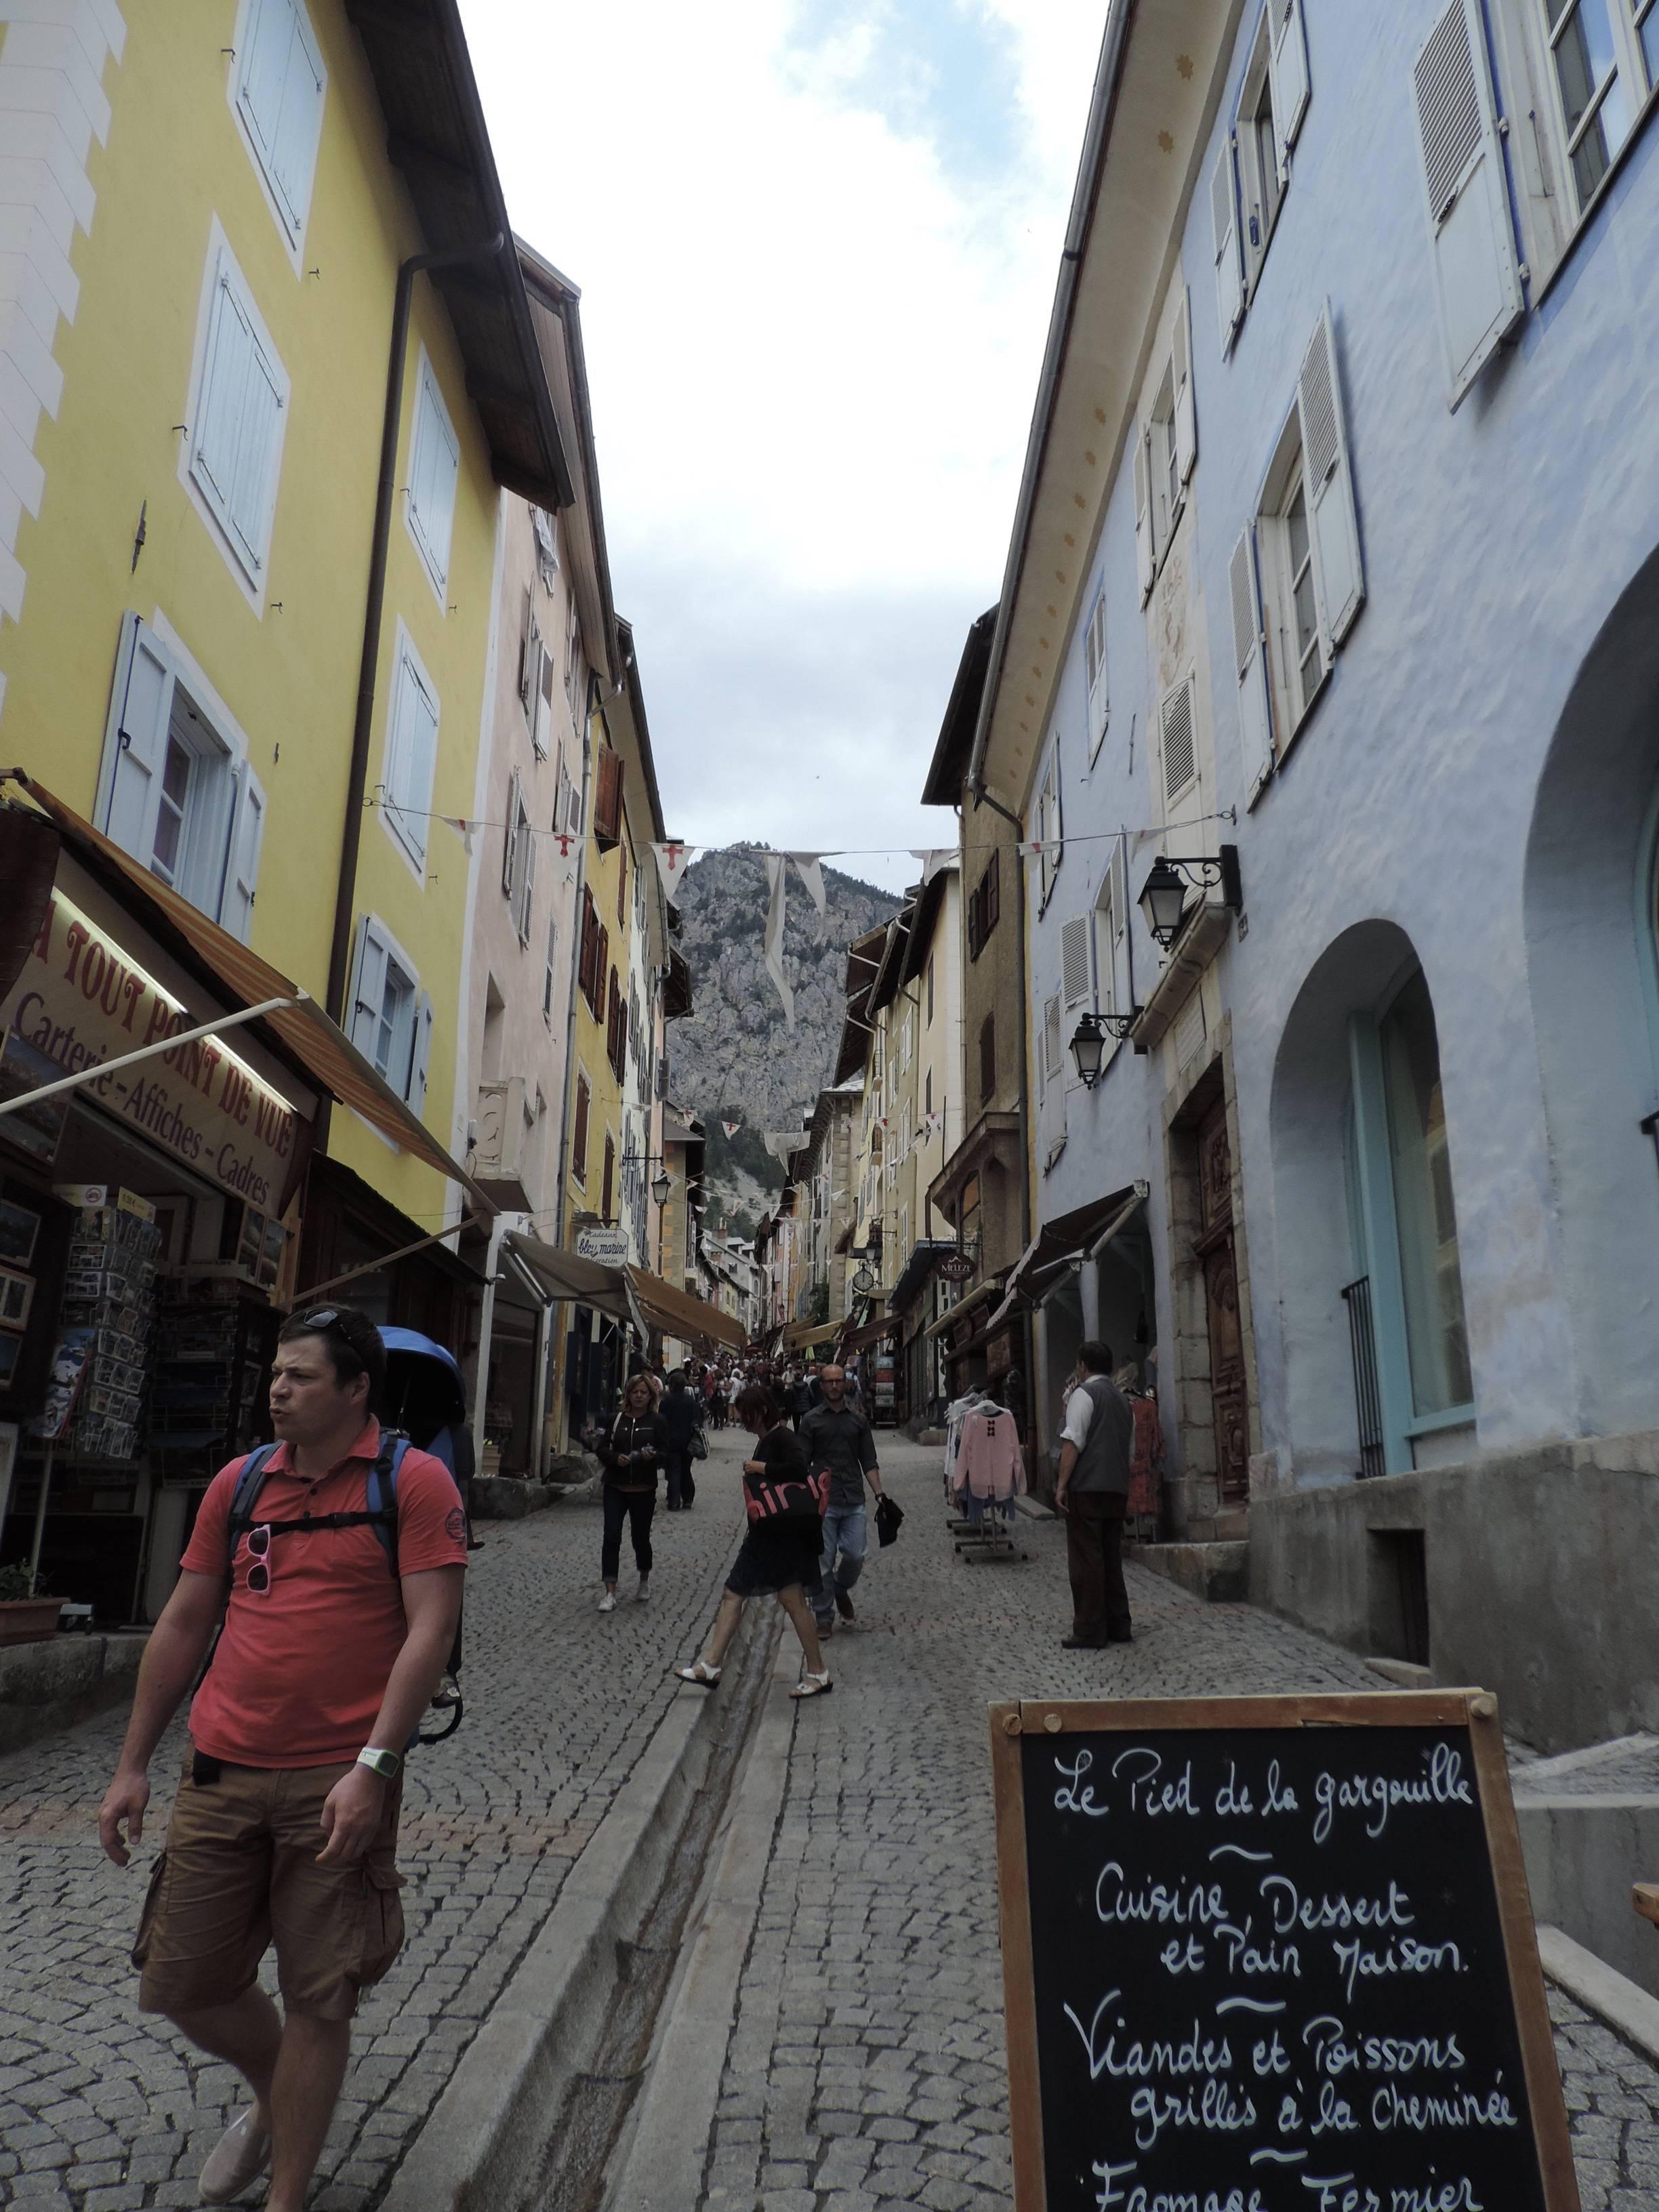 Photo 1: Le resto de ouf à Briançon (frais frais archi frais trop bon)